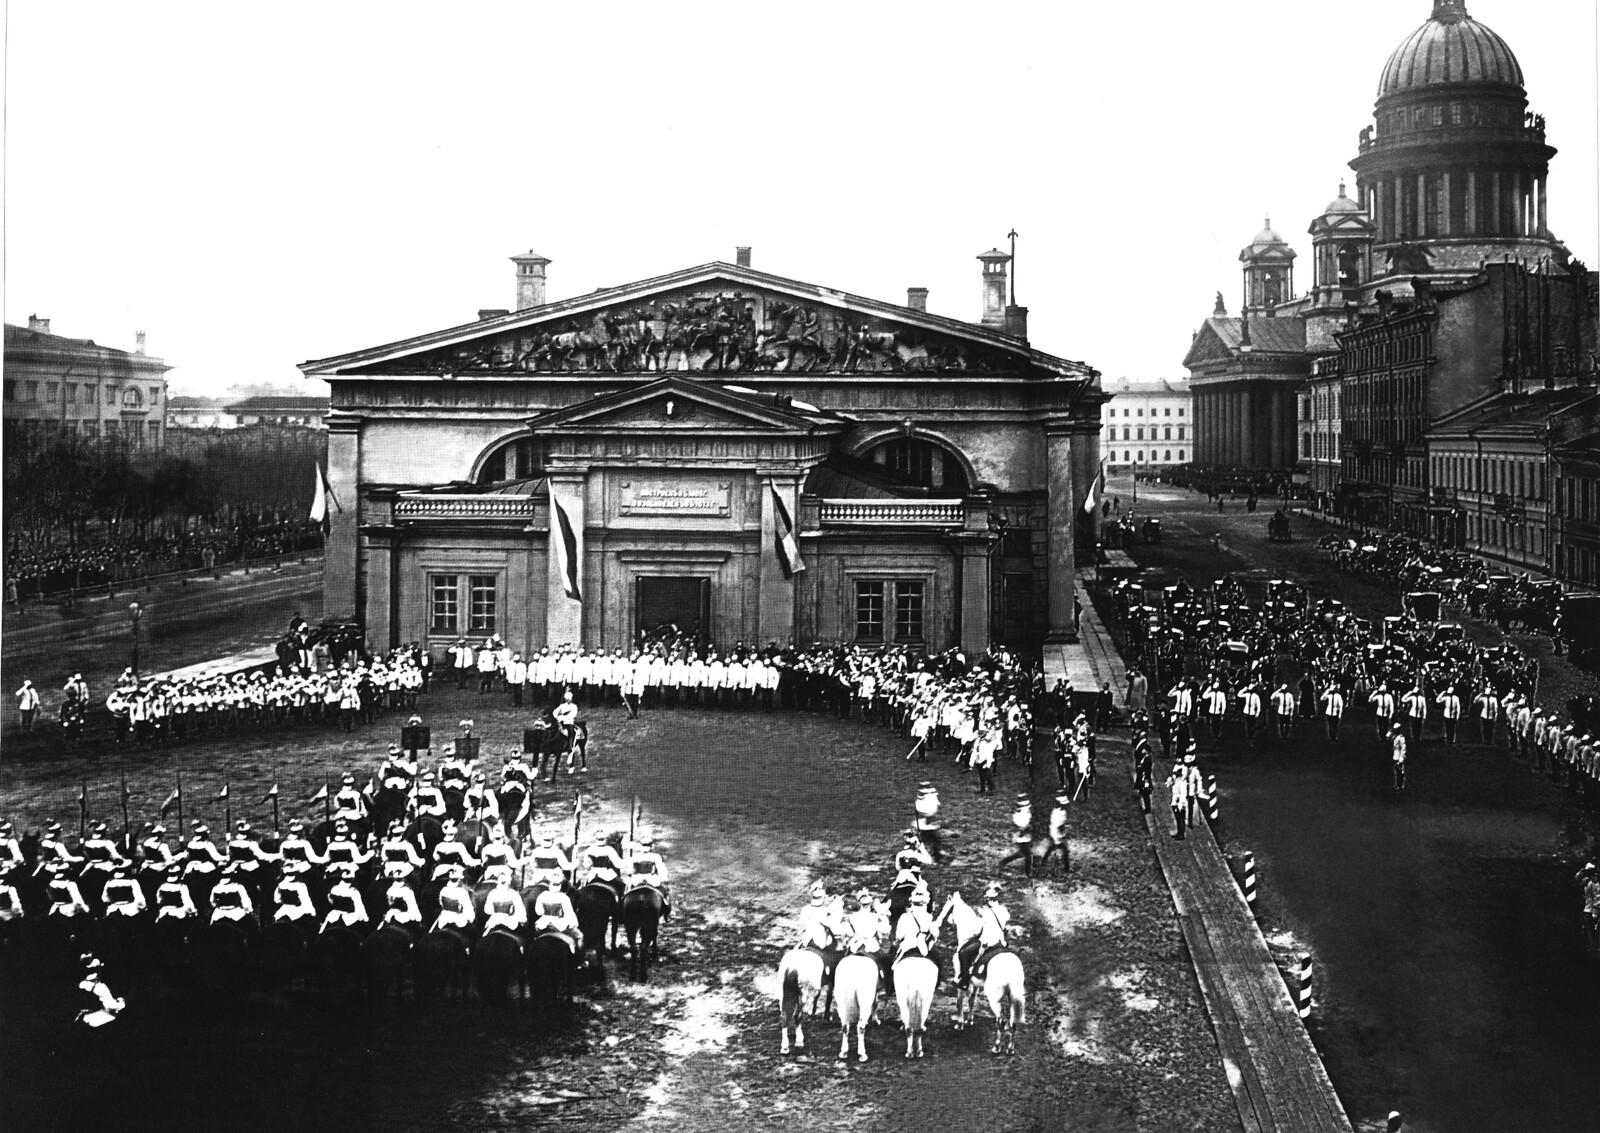 1903. Парад лейб-гвардии конного полка возле Манежа в день полкового праздника